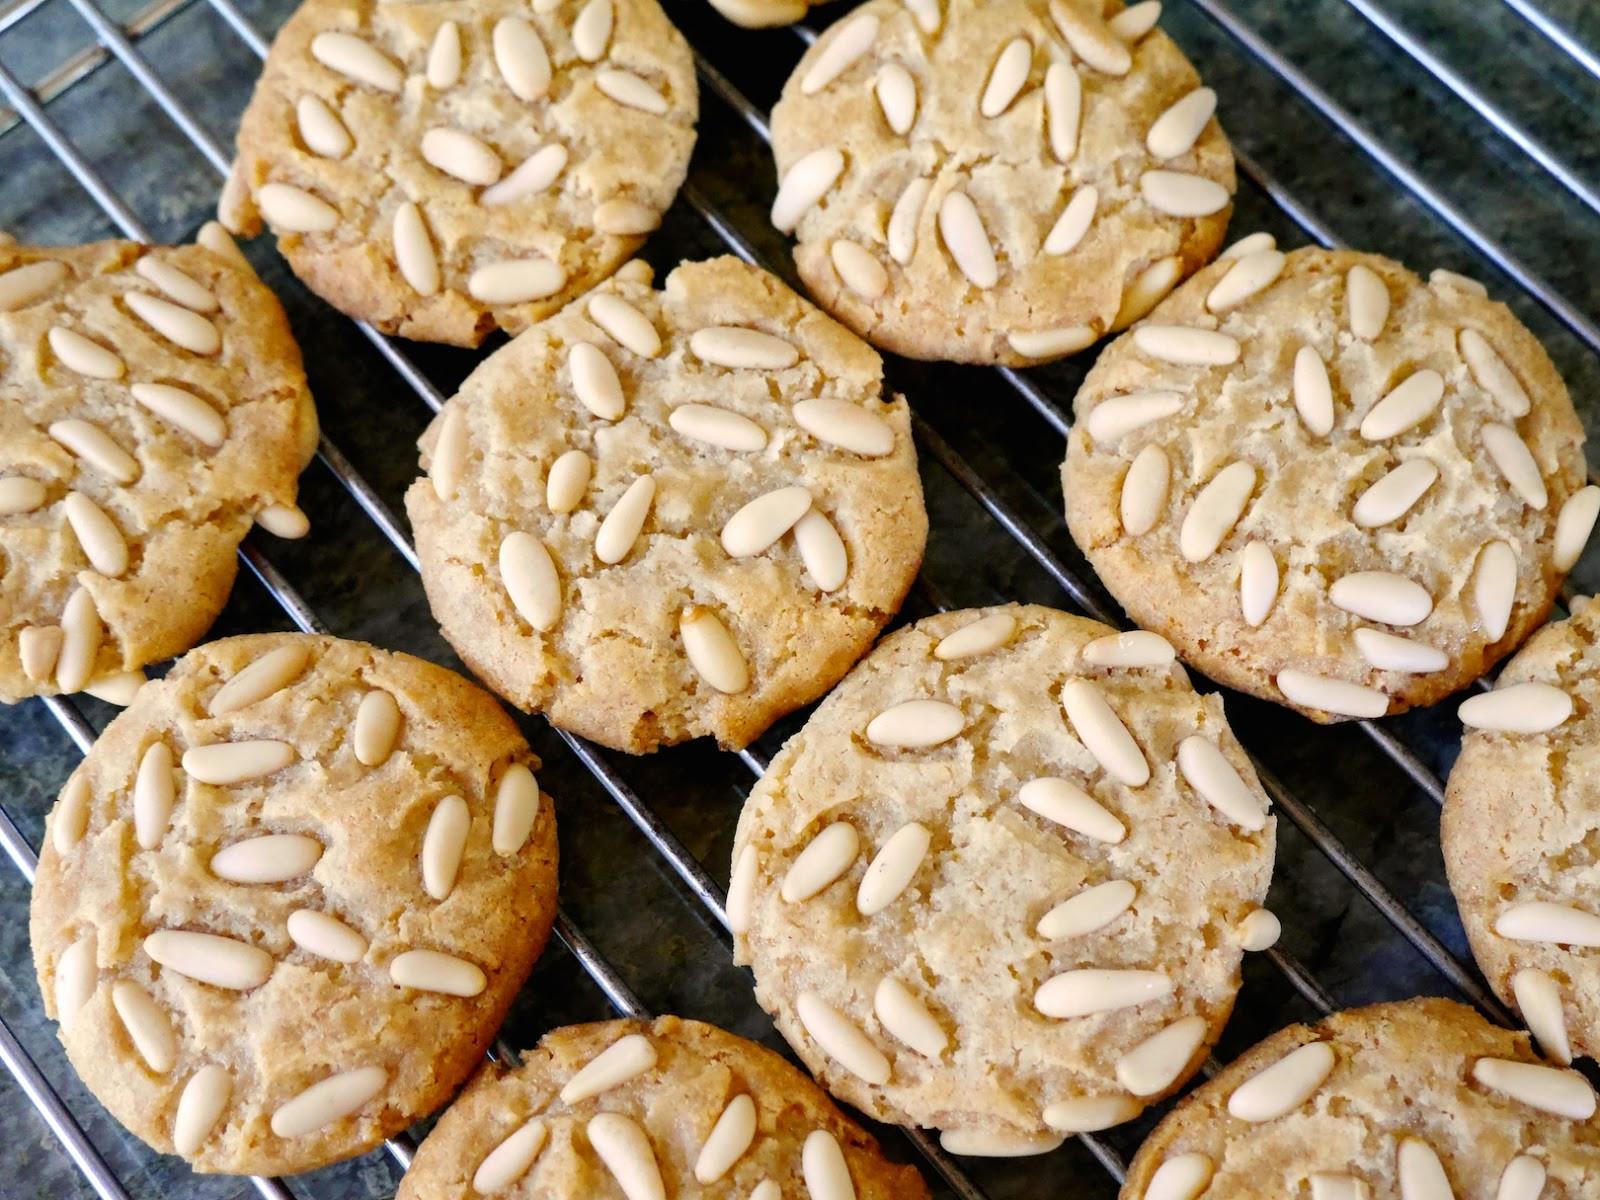 Vegan Cookie Recipes  Vegan Cookie Recipes • The Vegan Banana